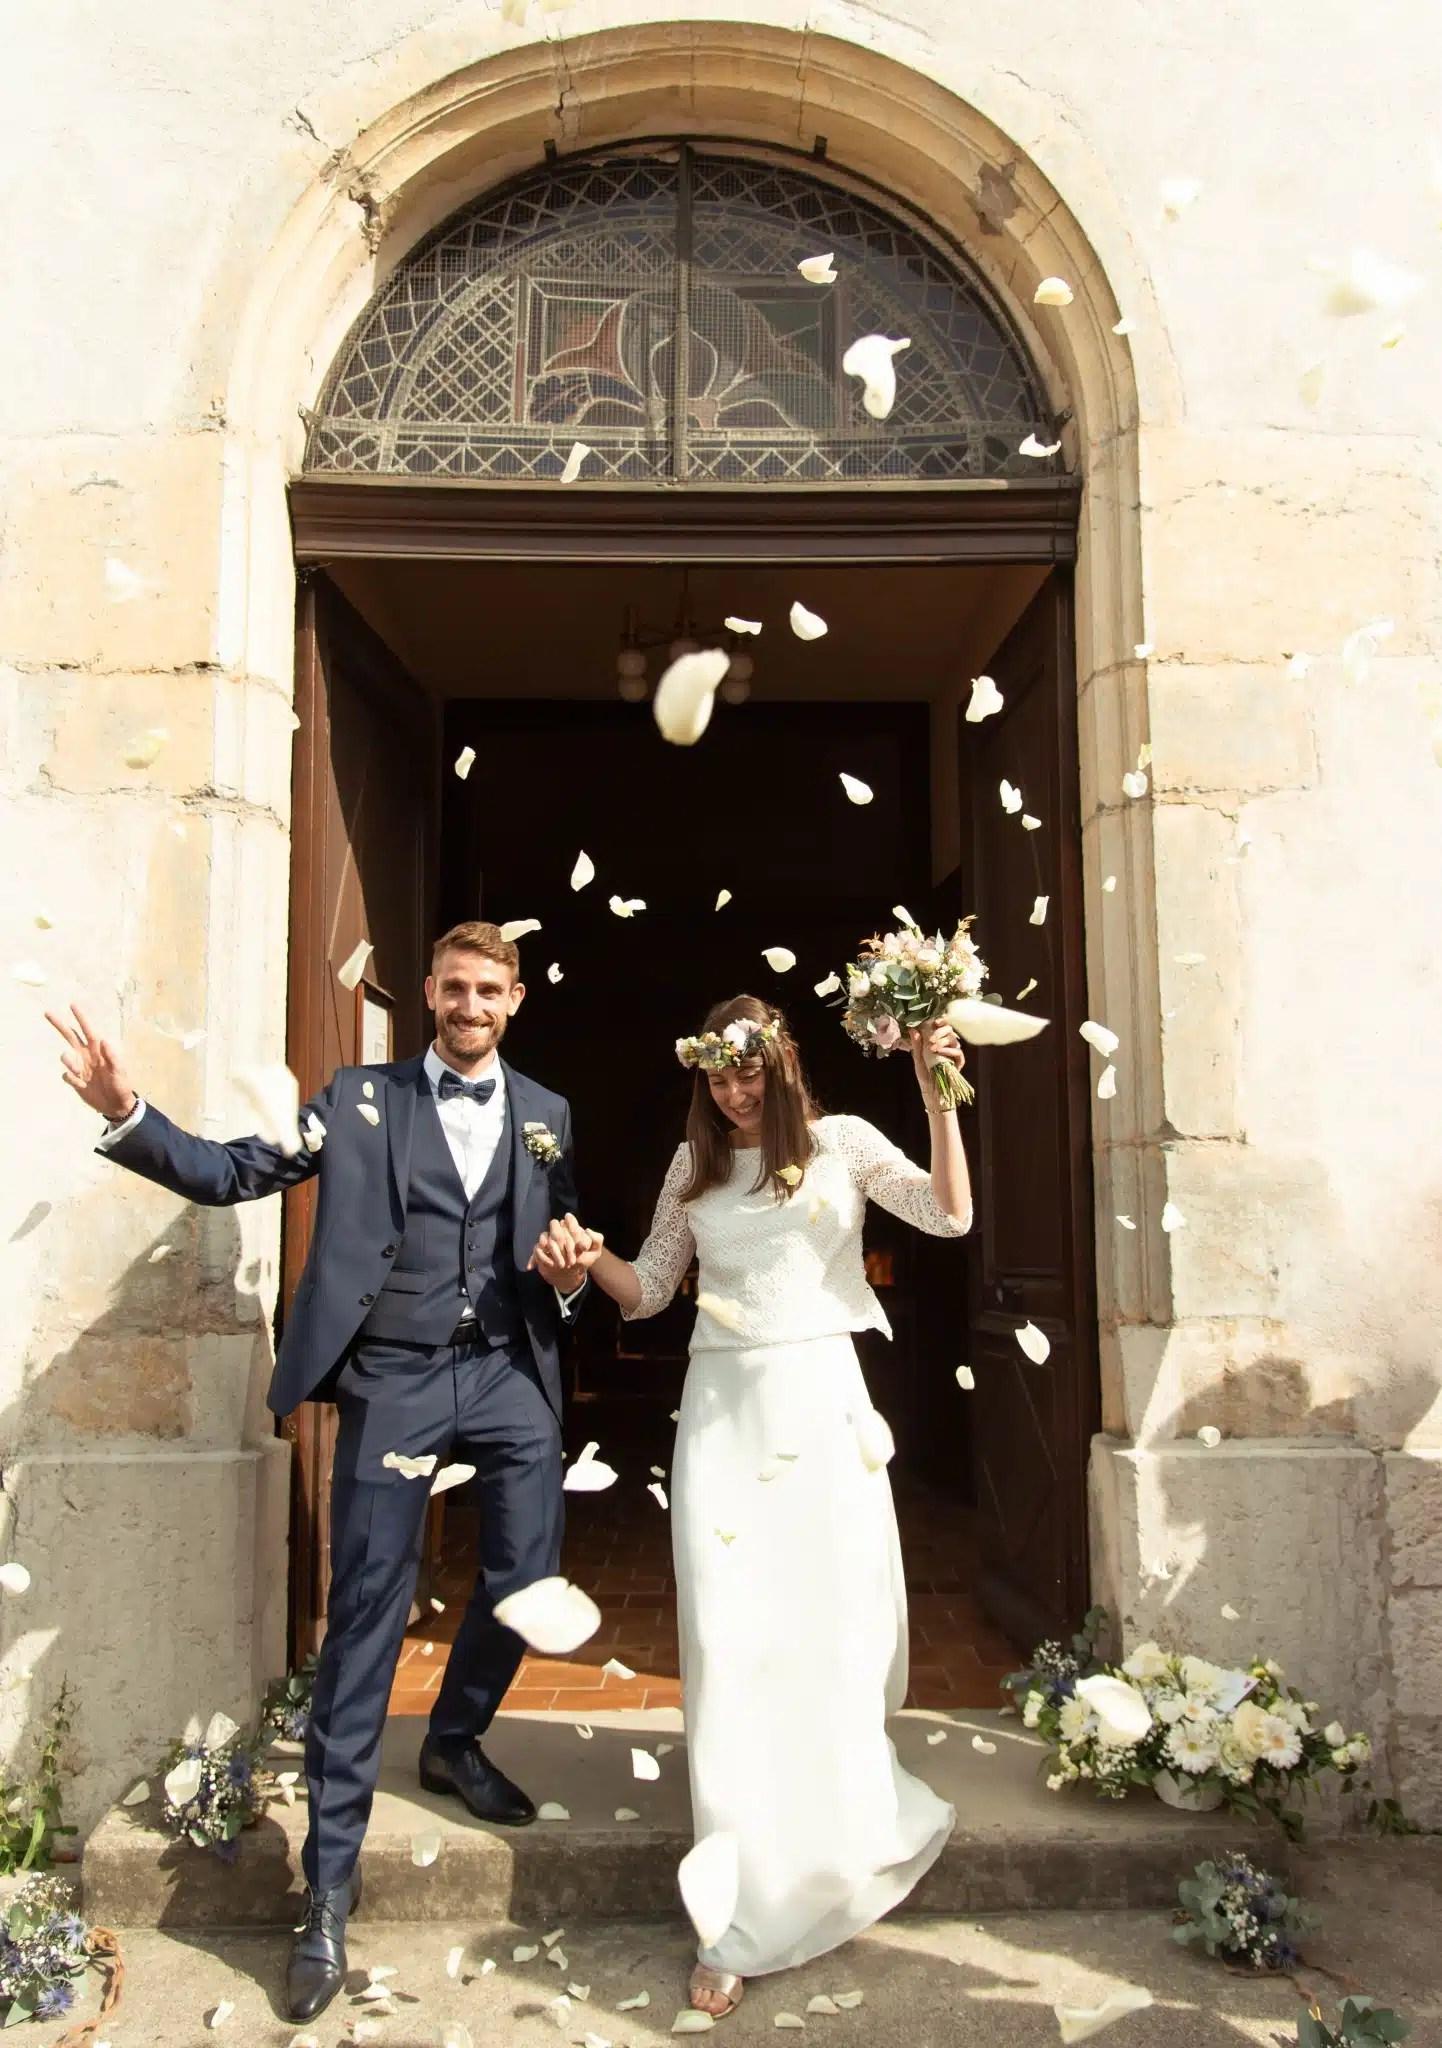 Photographe mariage église cérémonie religieuse Aix-en-Provence